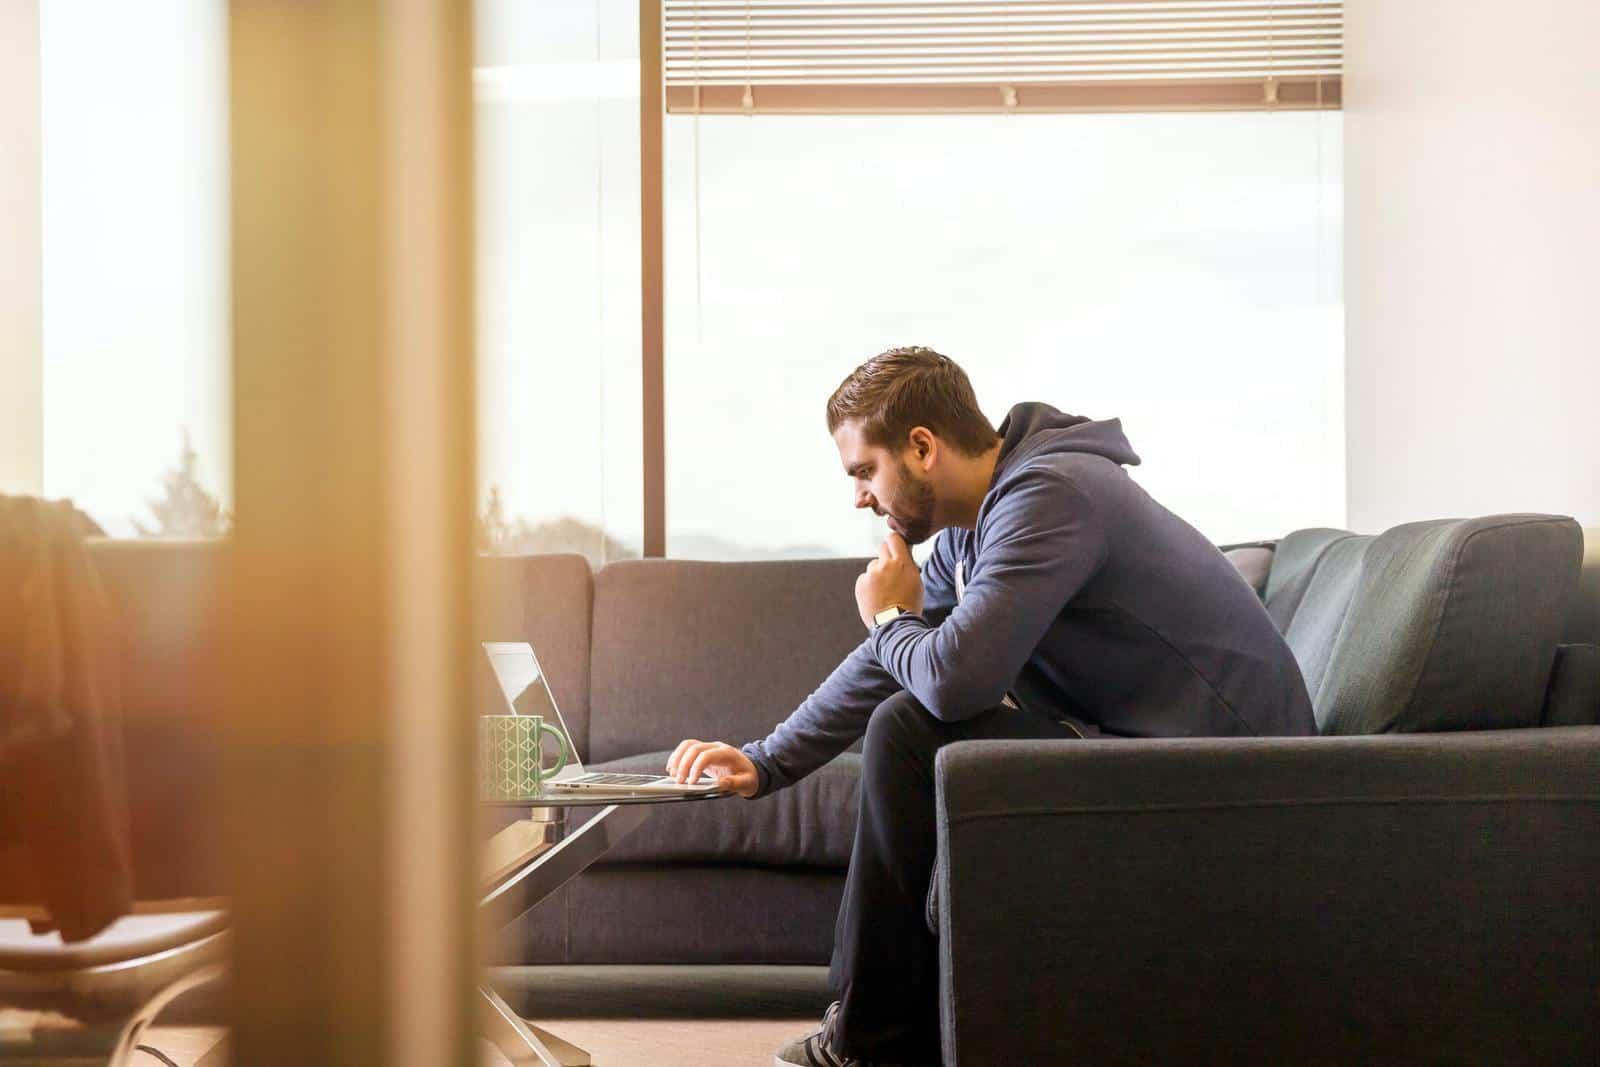 Man focused on laptop